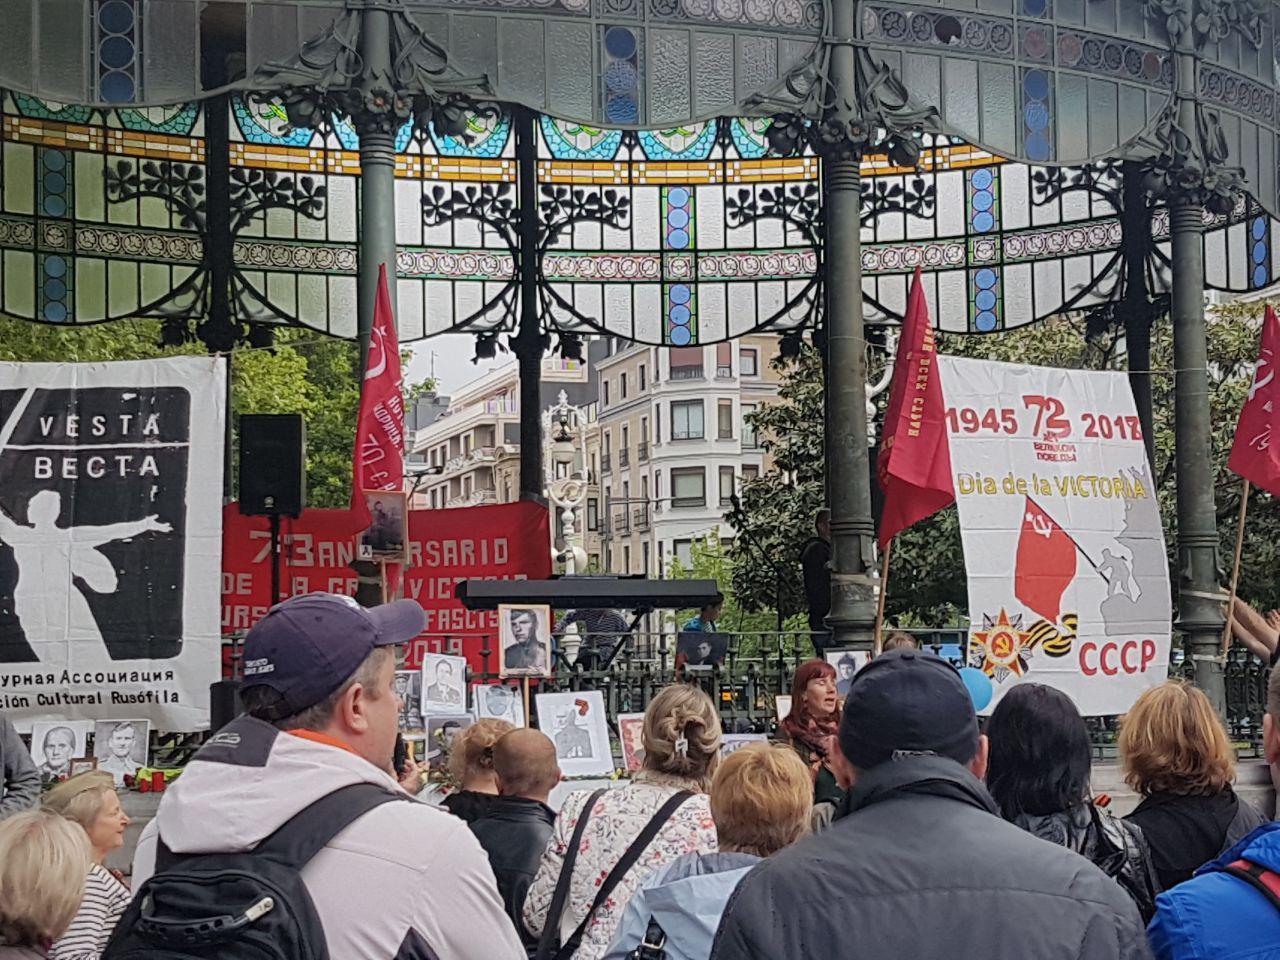 Vídeo e imágenes del Día de la Victoria, 9 de mayo, en Donostia – San Sebastián